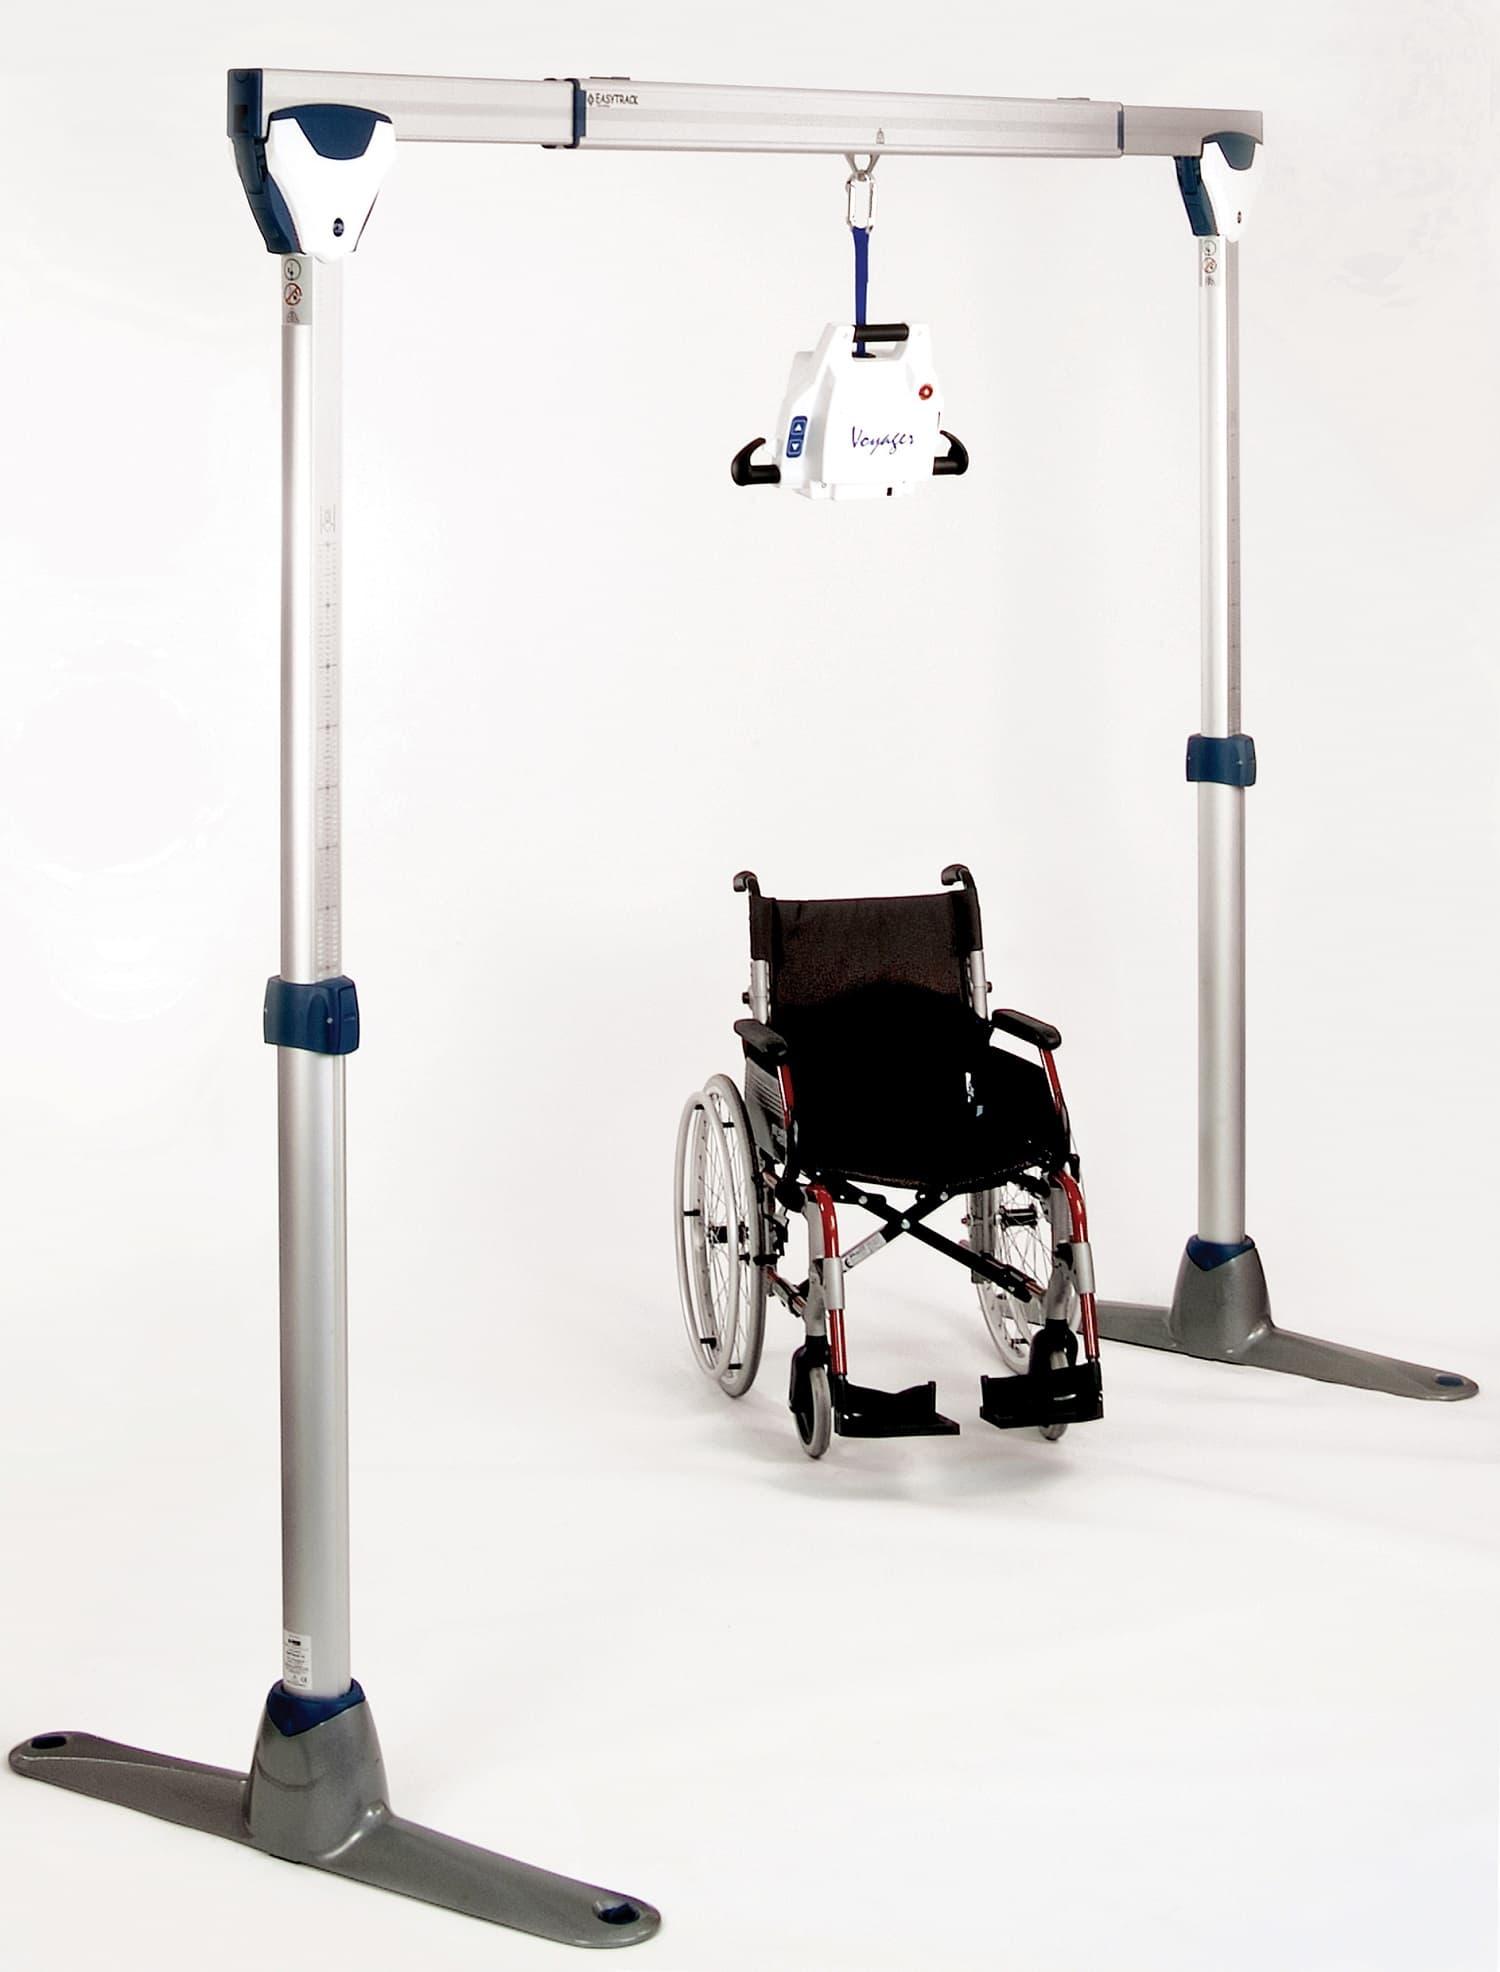 EasyTrack-FS-Voyager-Portable-Gantry-Hoist.jpg